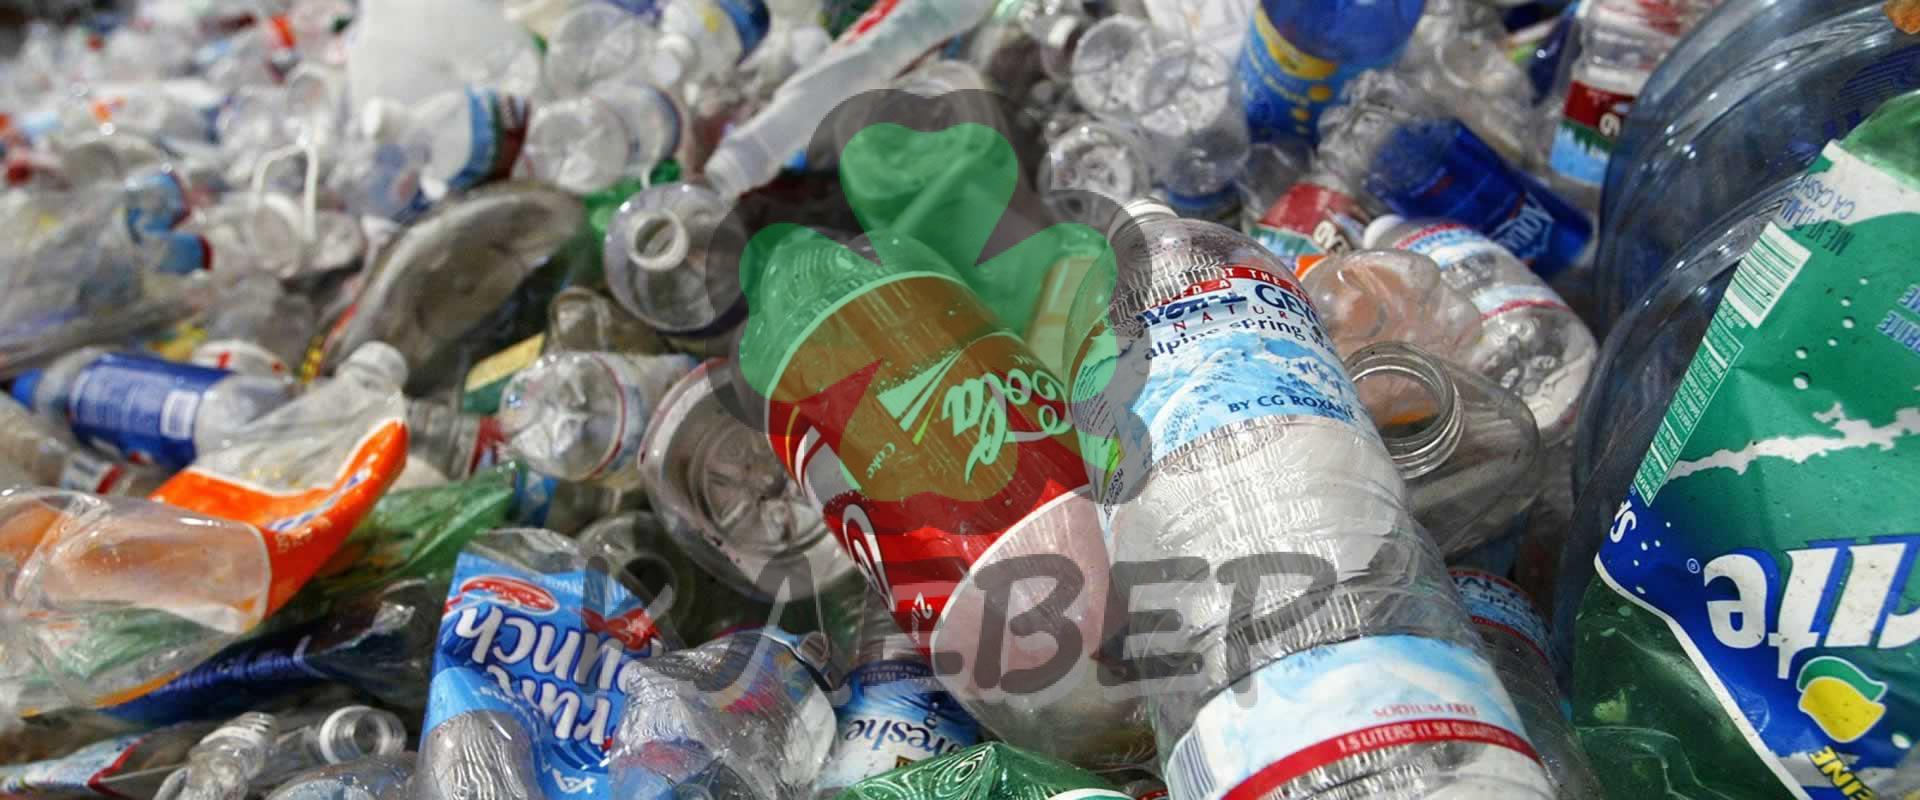 Прием пластика в Екатеринбурге - Клевер